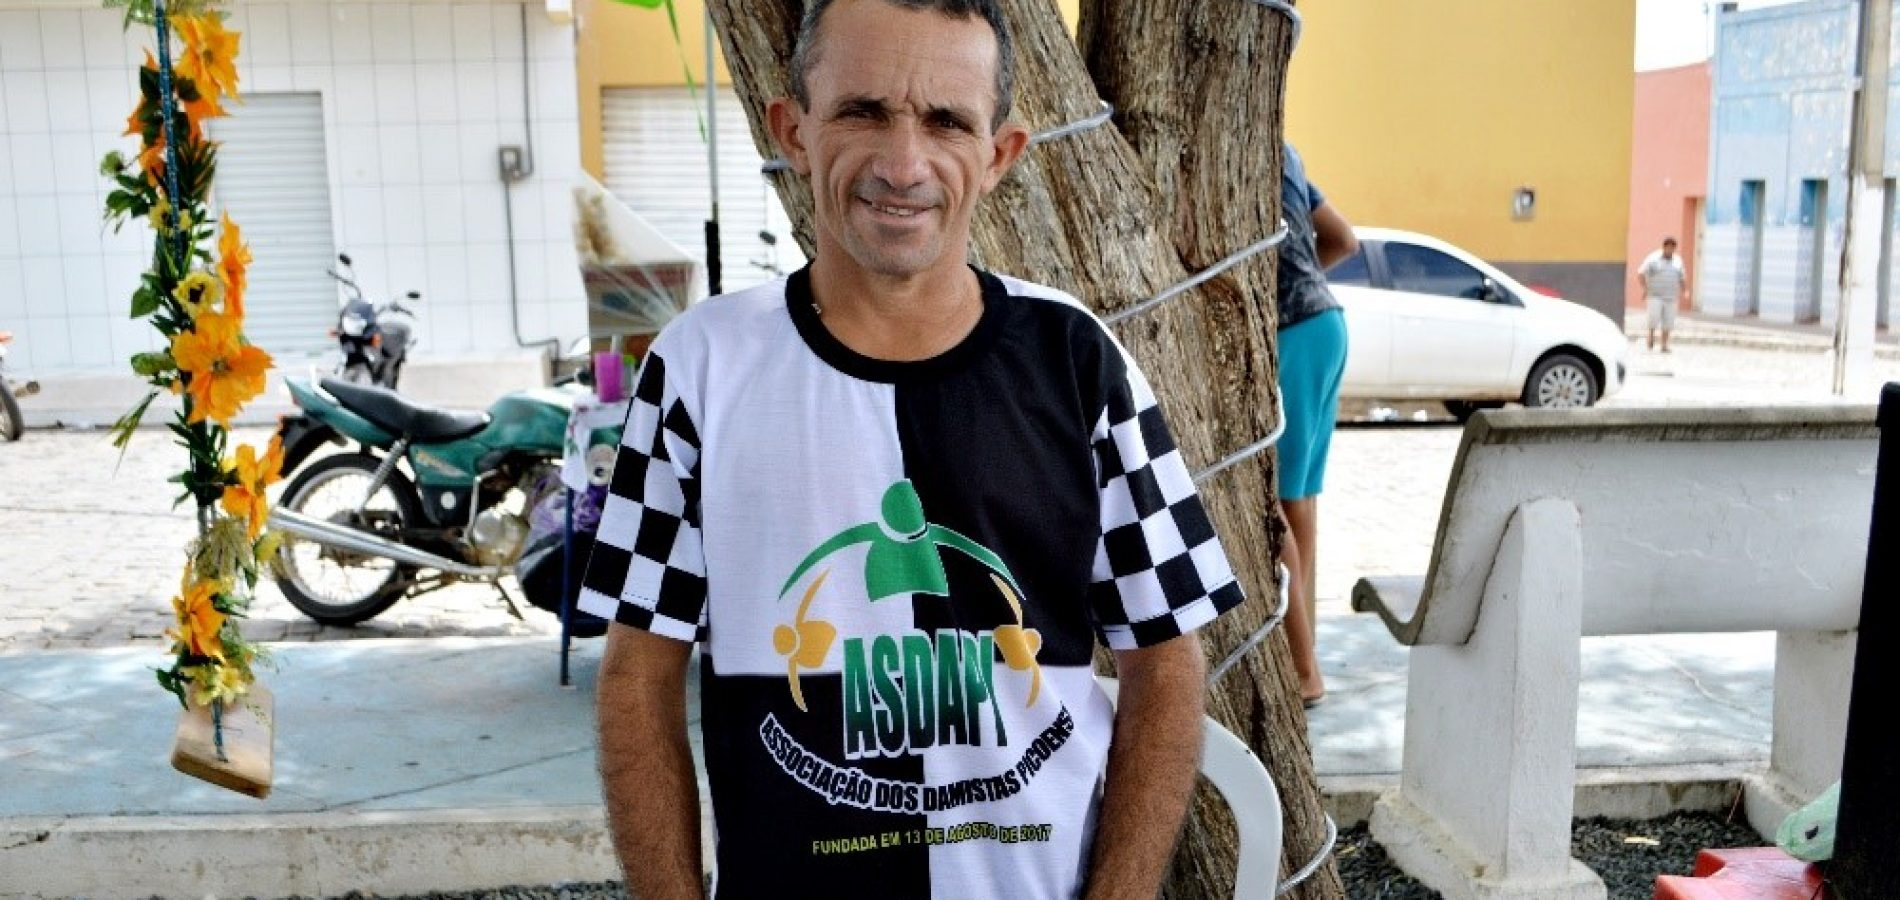 SÃO JULIÃO | Morre aos 47 anos, o damista e marceneiro Elmiro Moura